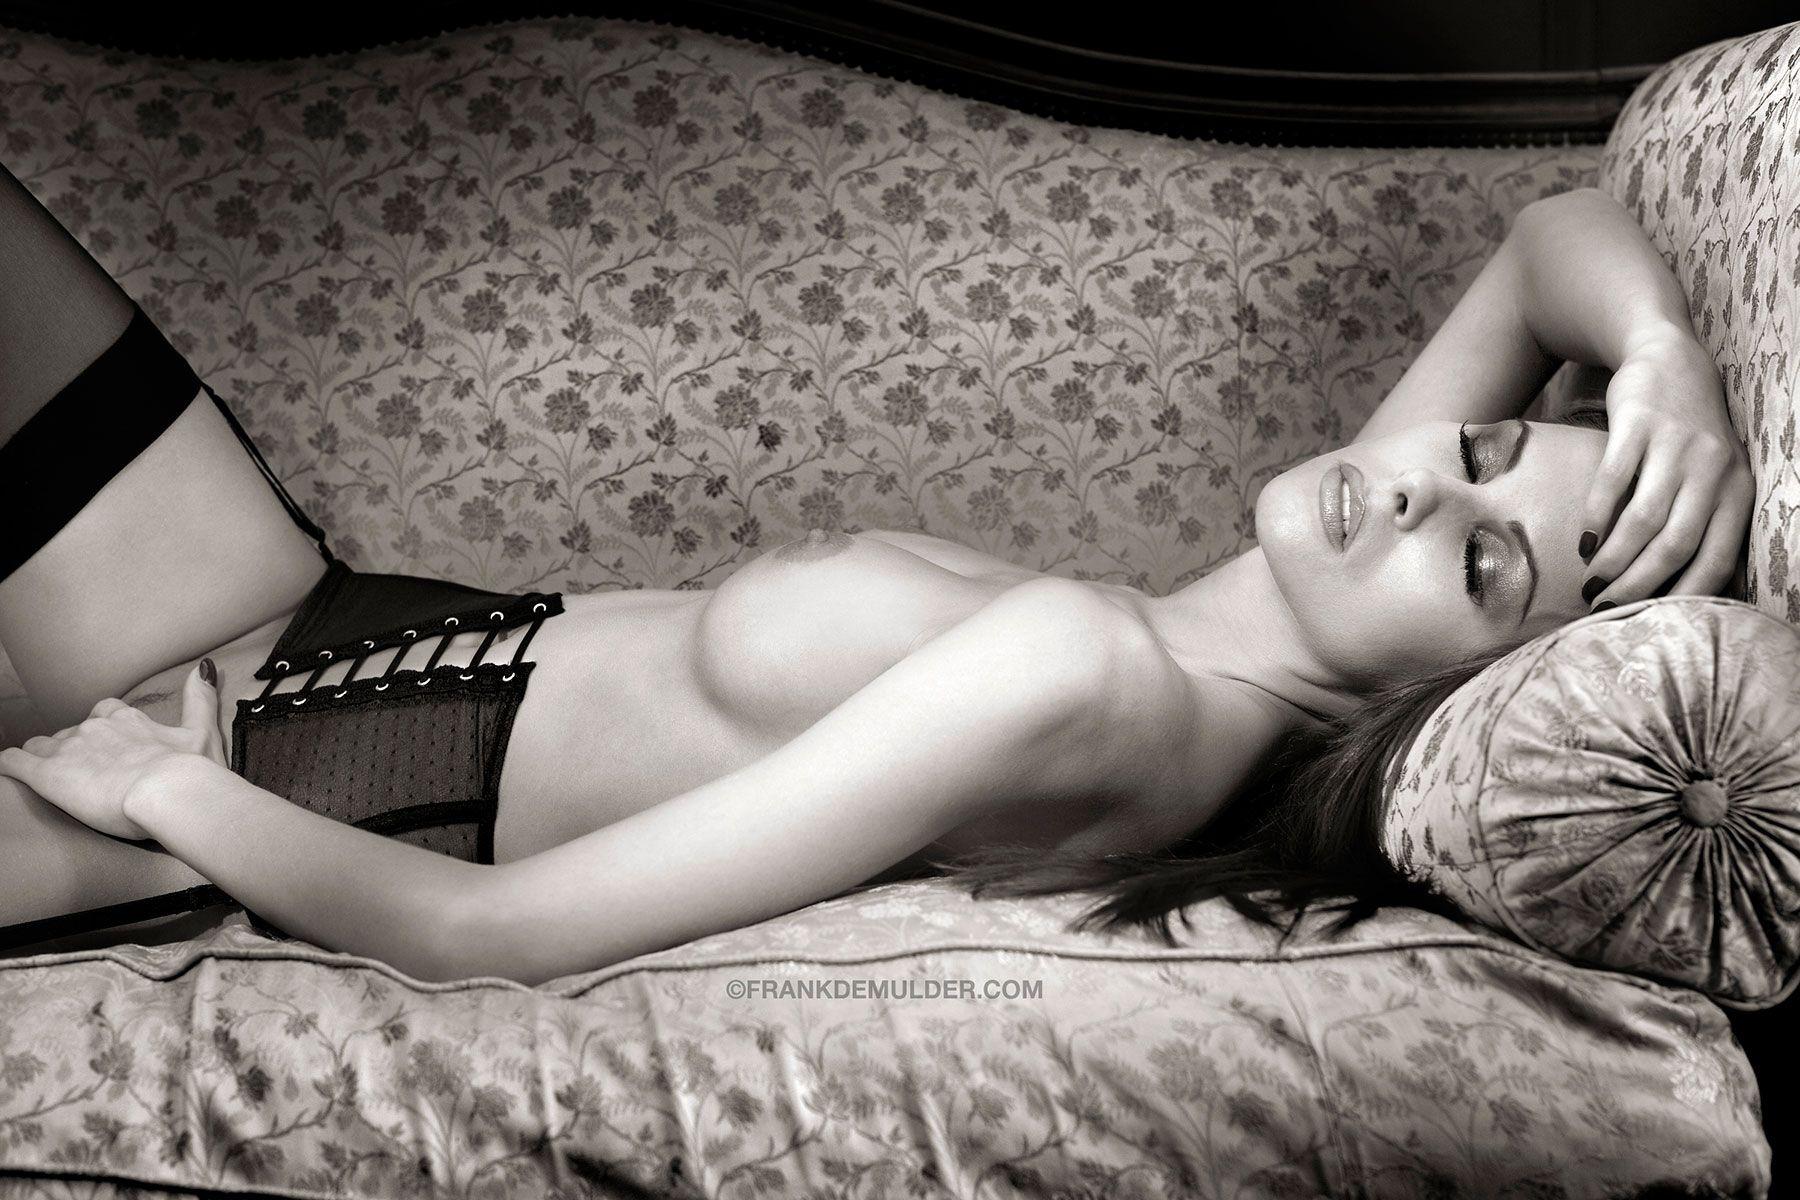 modno-erotika-prosto-foto